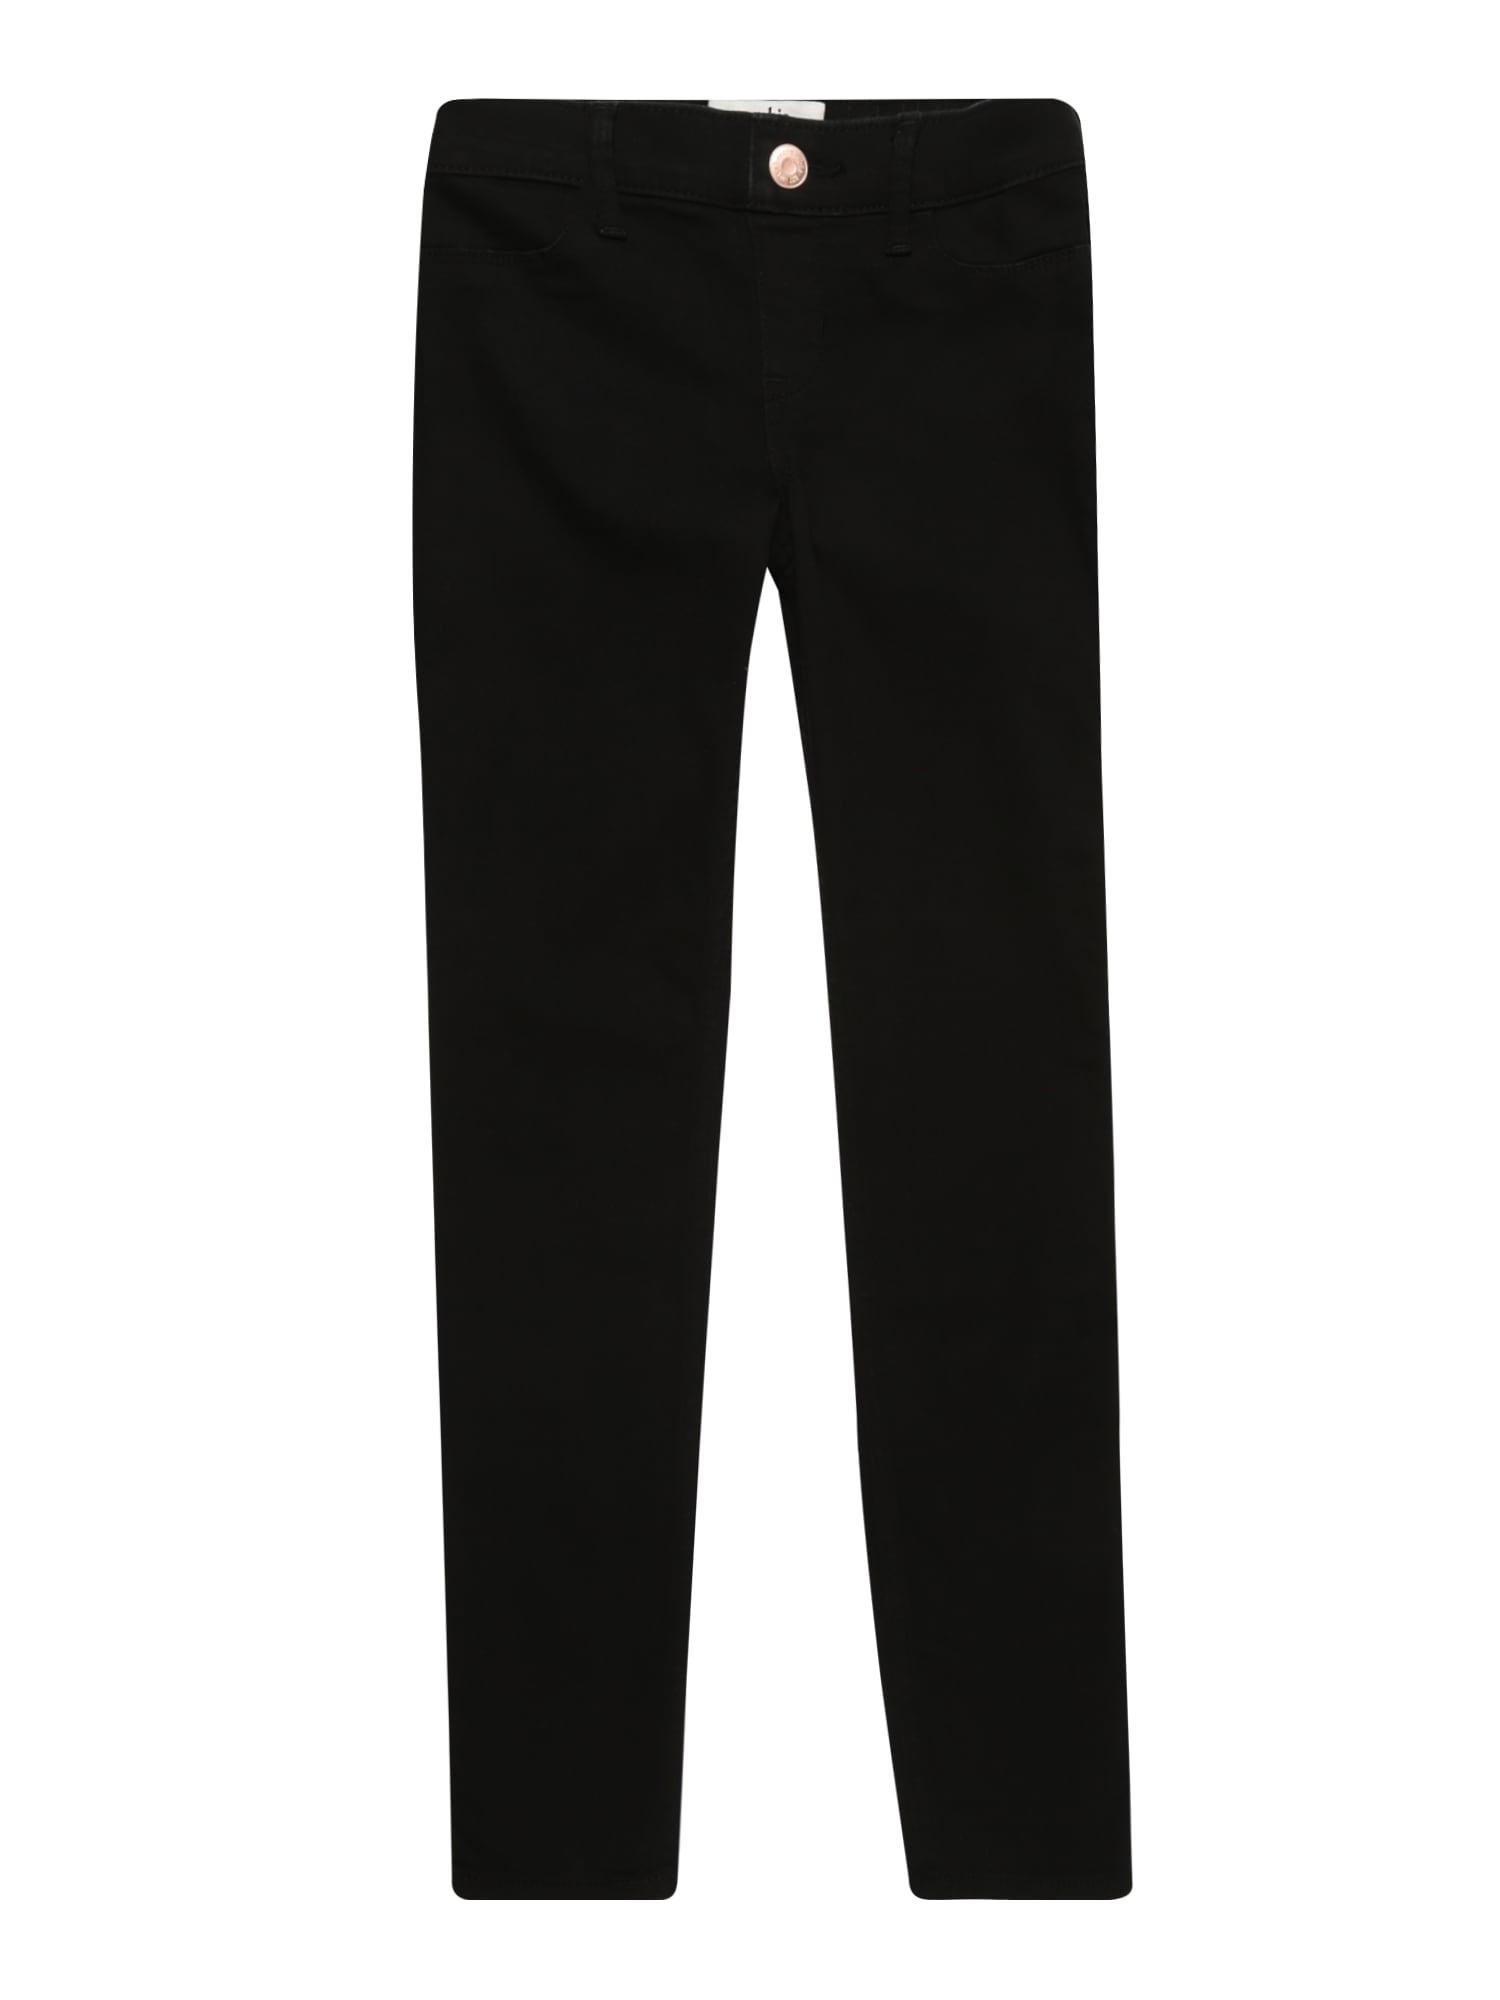 Džíny (B-OME1235) BTS17-BLACK POJL 1CC černá džínovina Abercrombie & Fitch